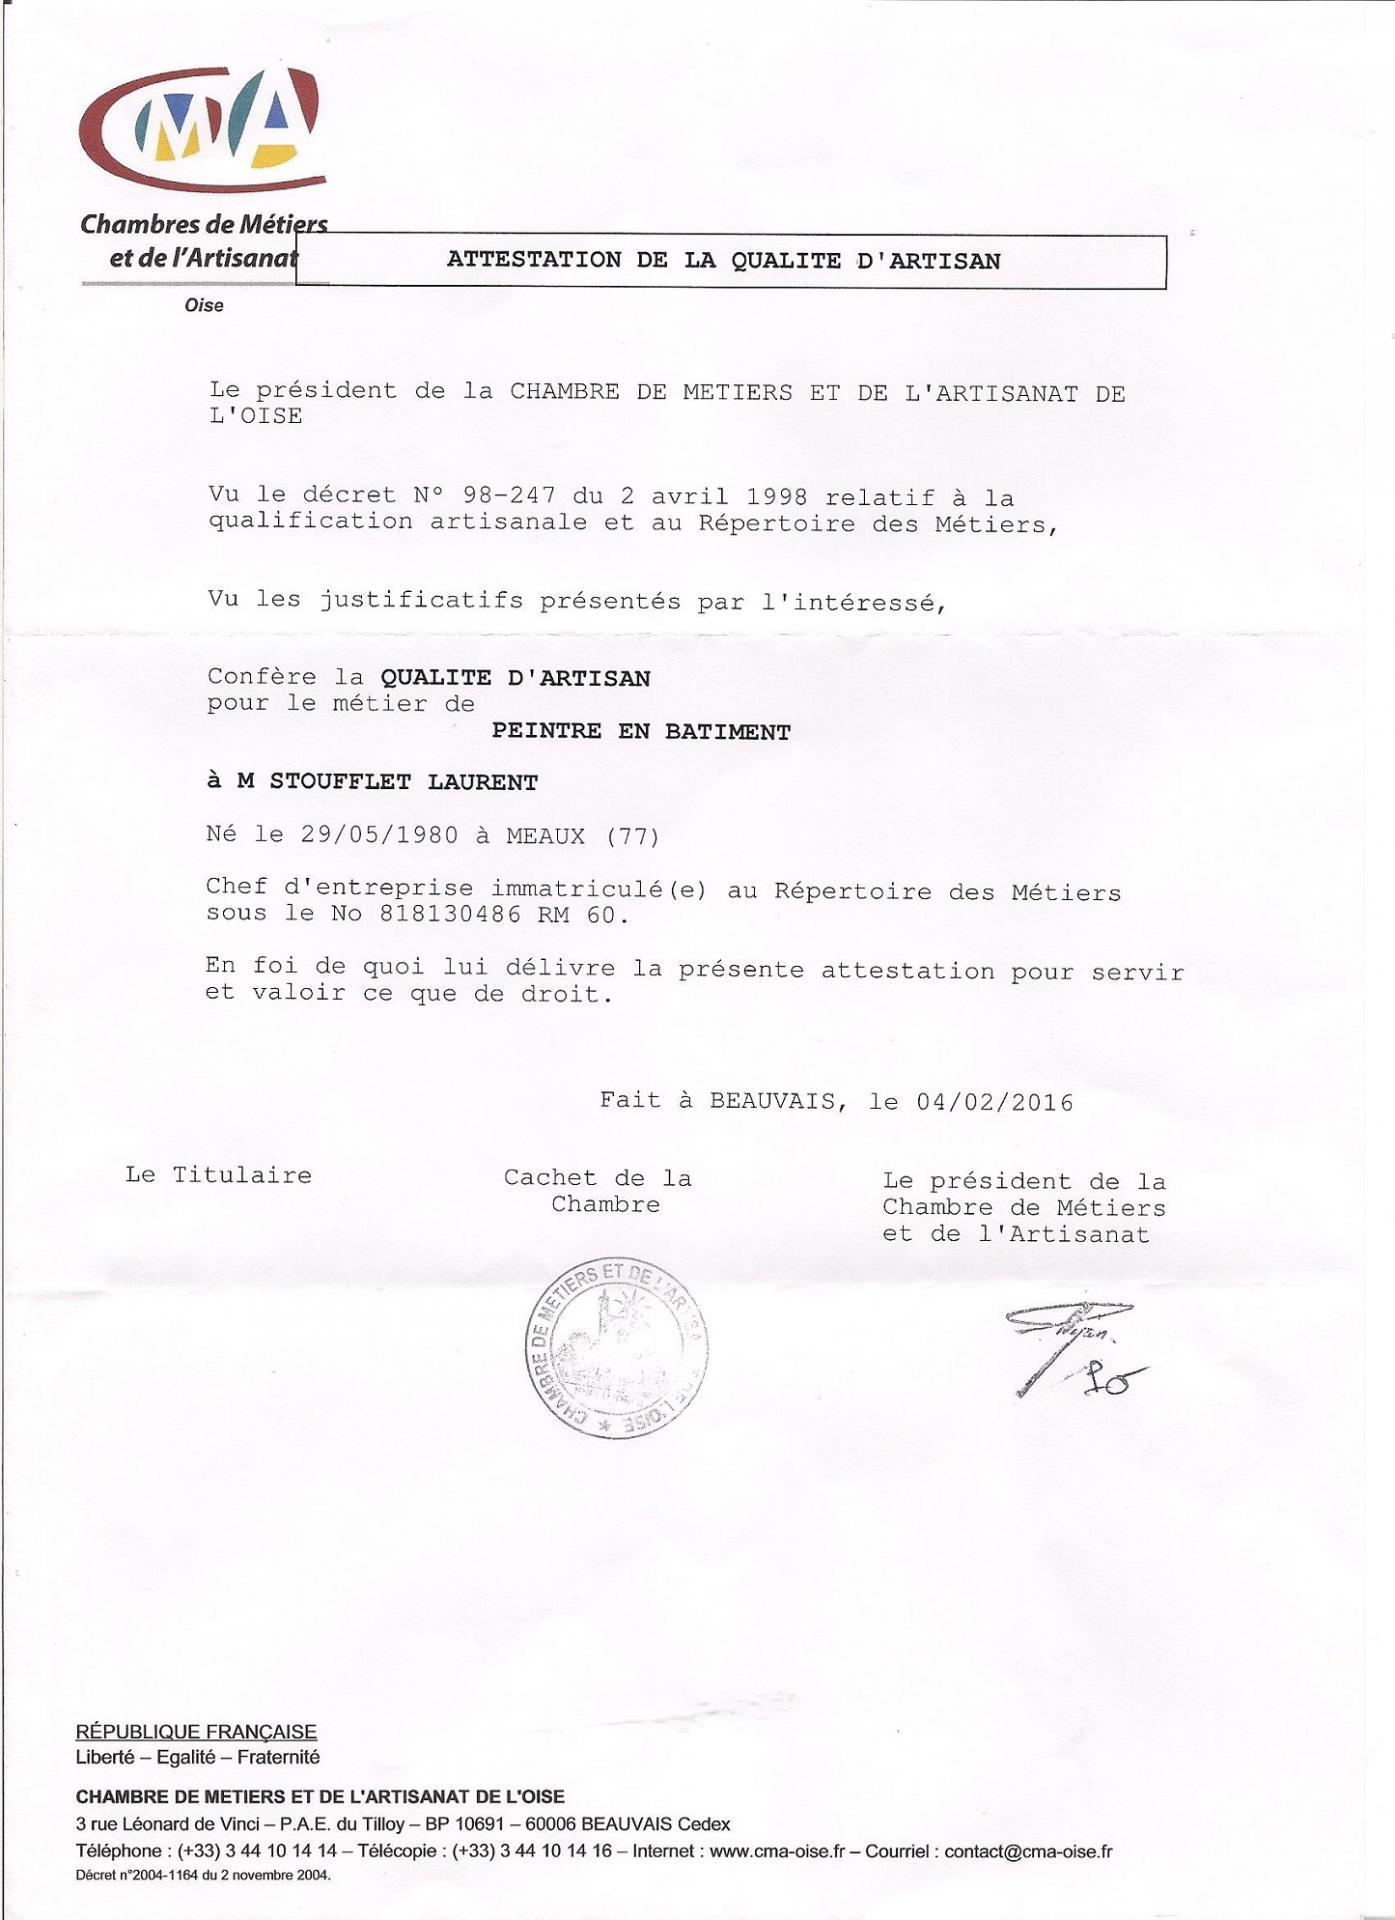 Attestations De La Qualité D'Artisan Et Garanties concernant Chambre Des Metiers Troyes